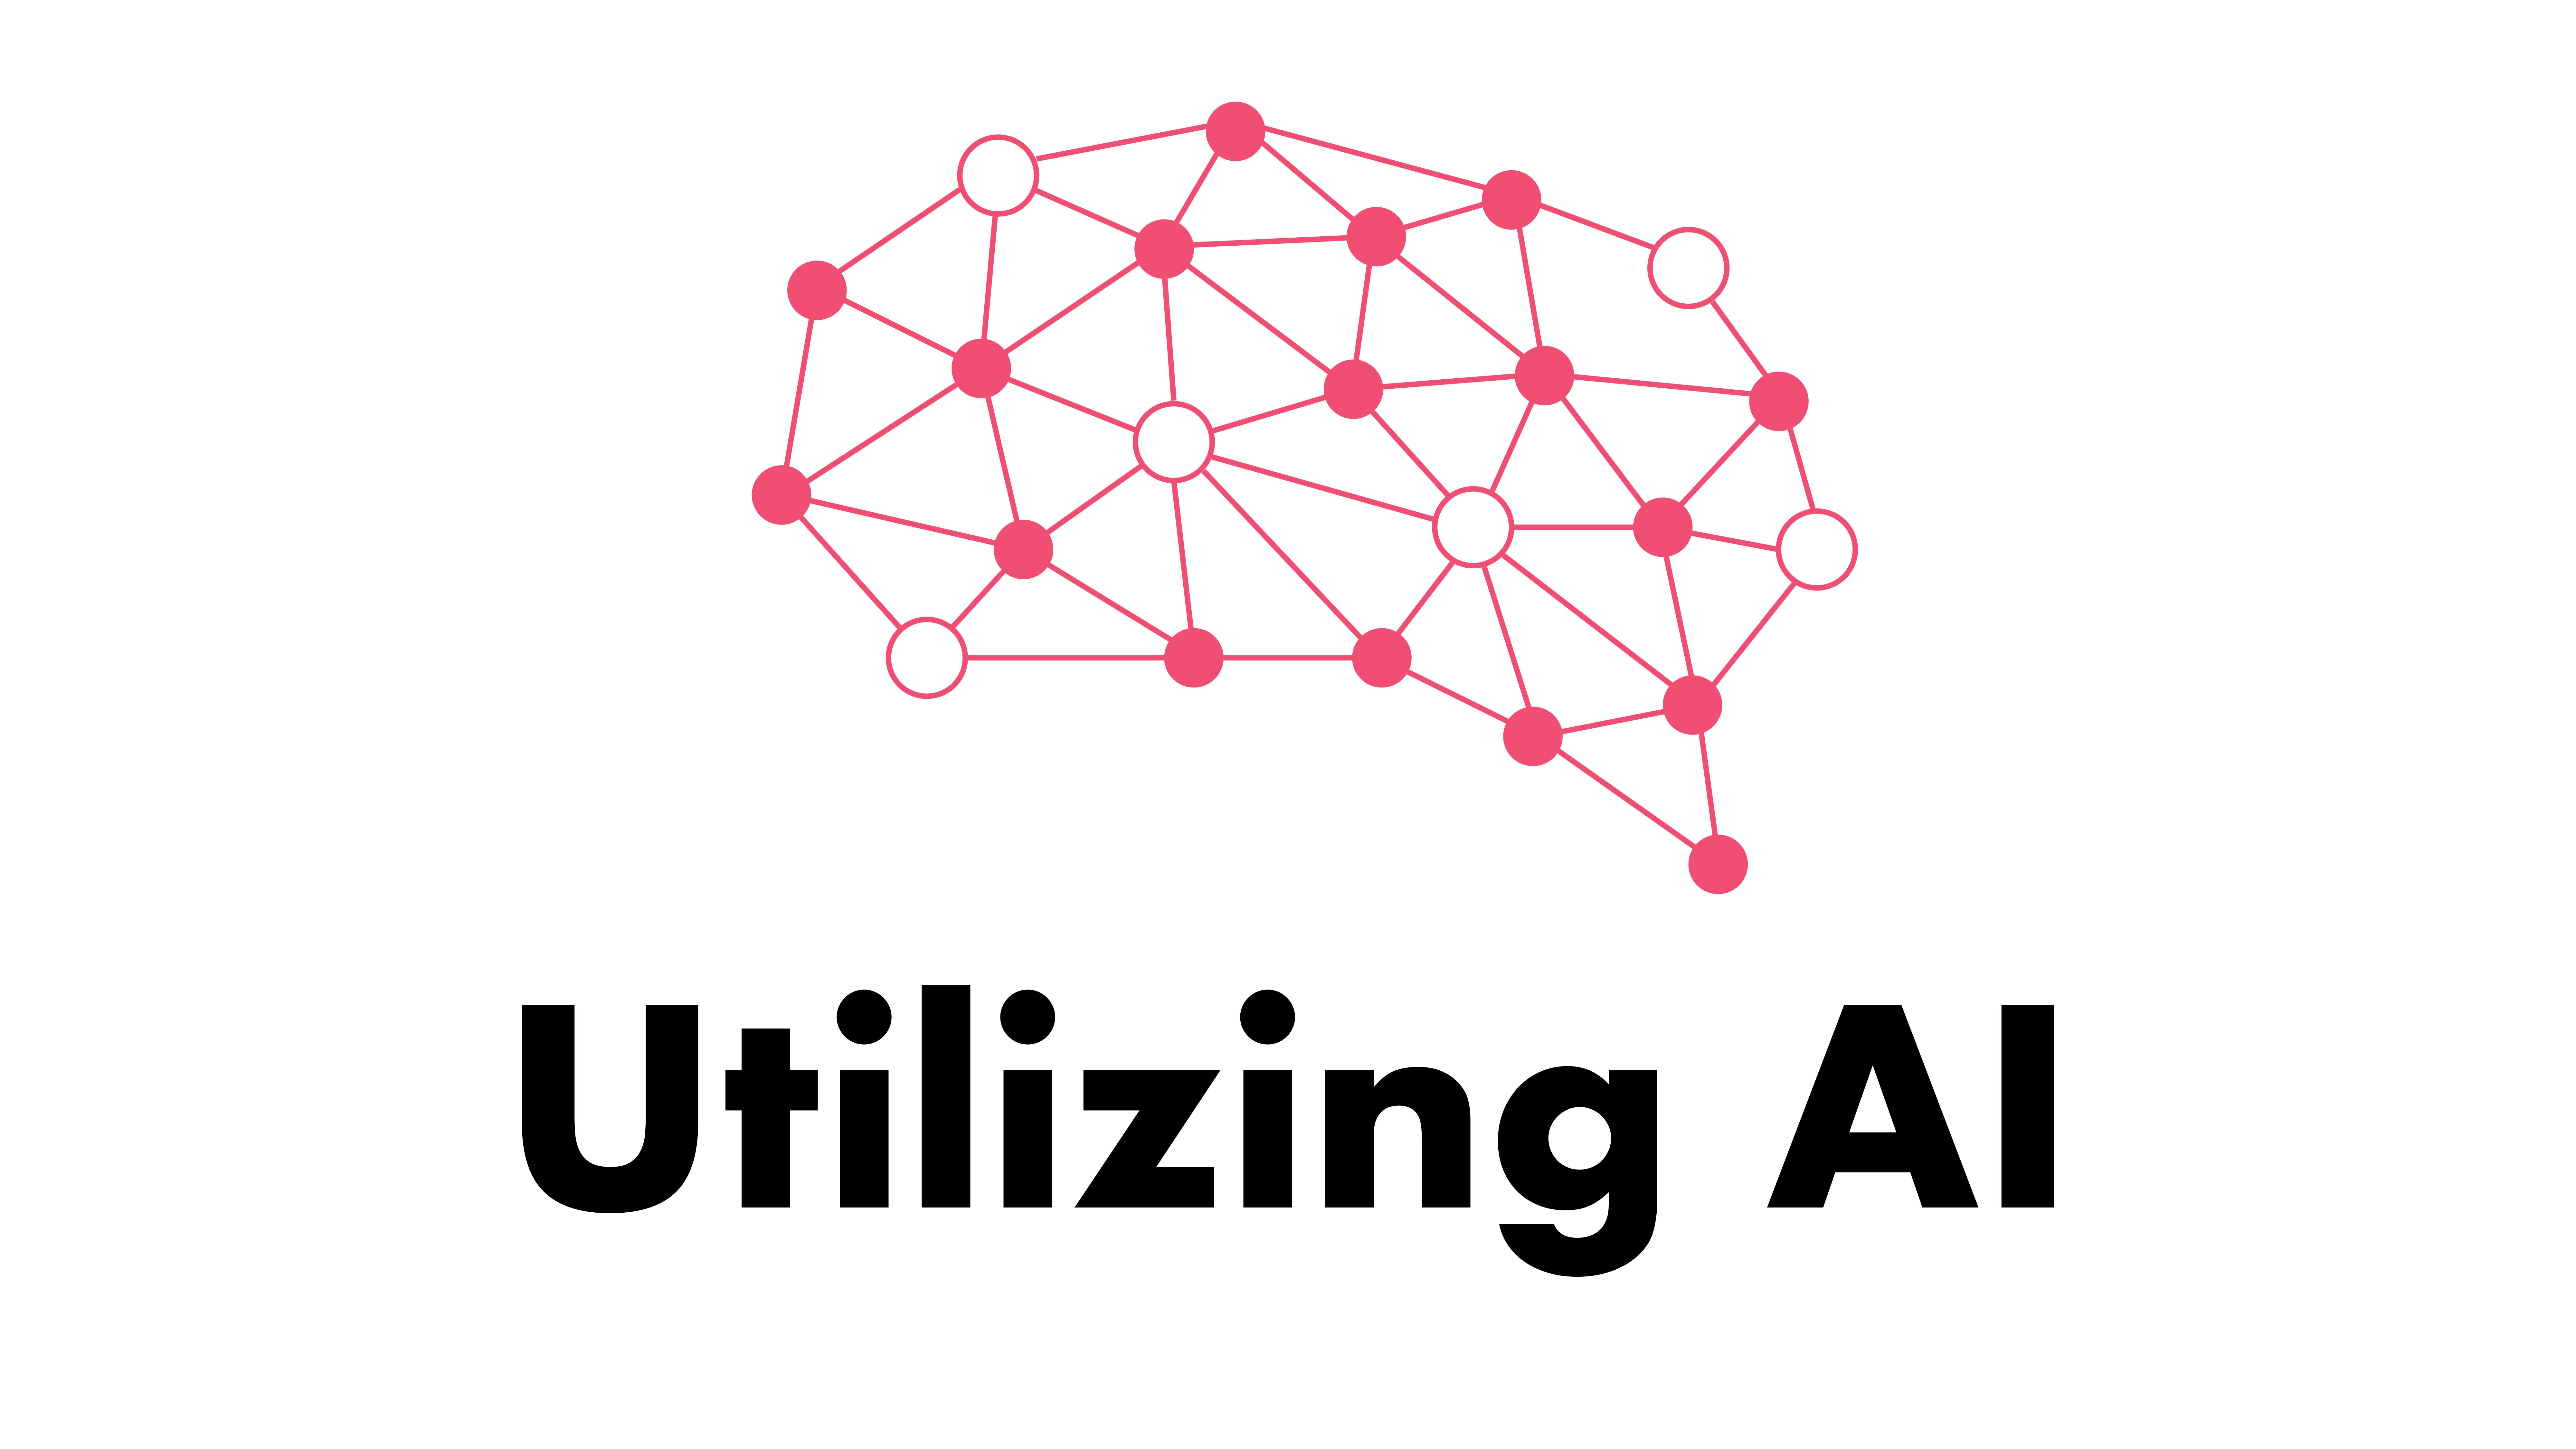 Utilizing AI